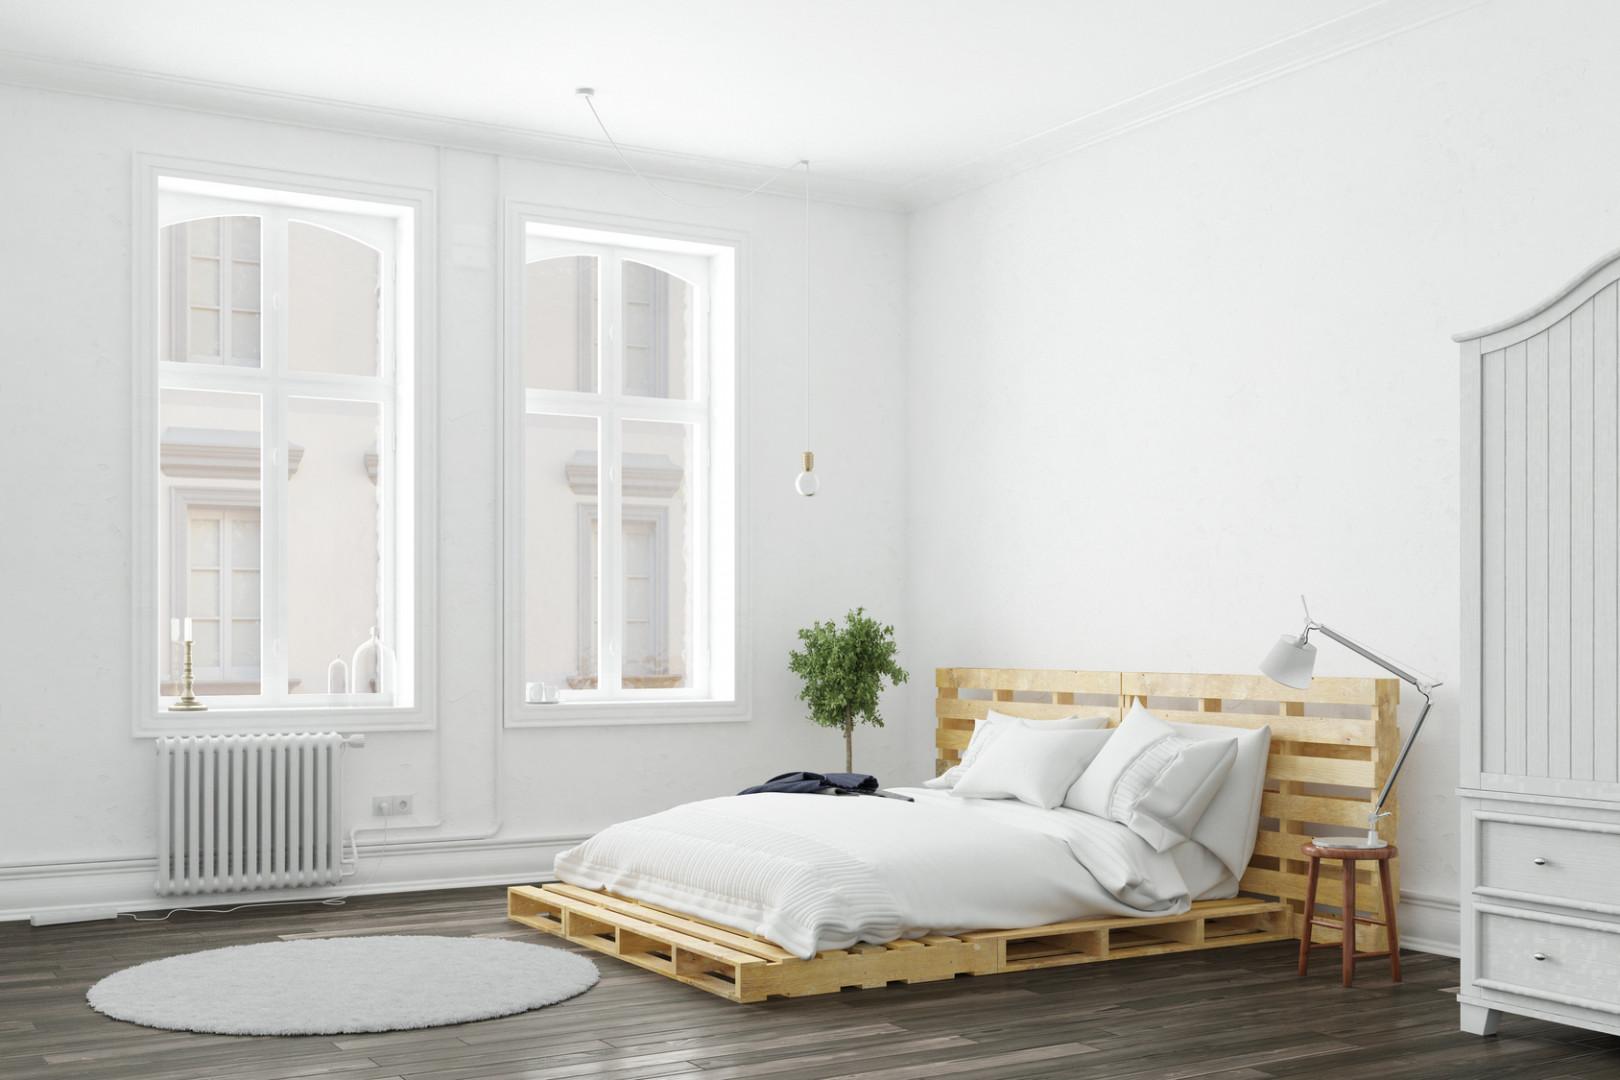 Łóżka z palet w jasnych barwach to propozycja dla osób lubiących wnętrza utrzymane w skandynawskim stylu. Fot. Drewnochron